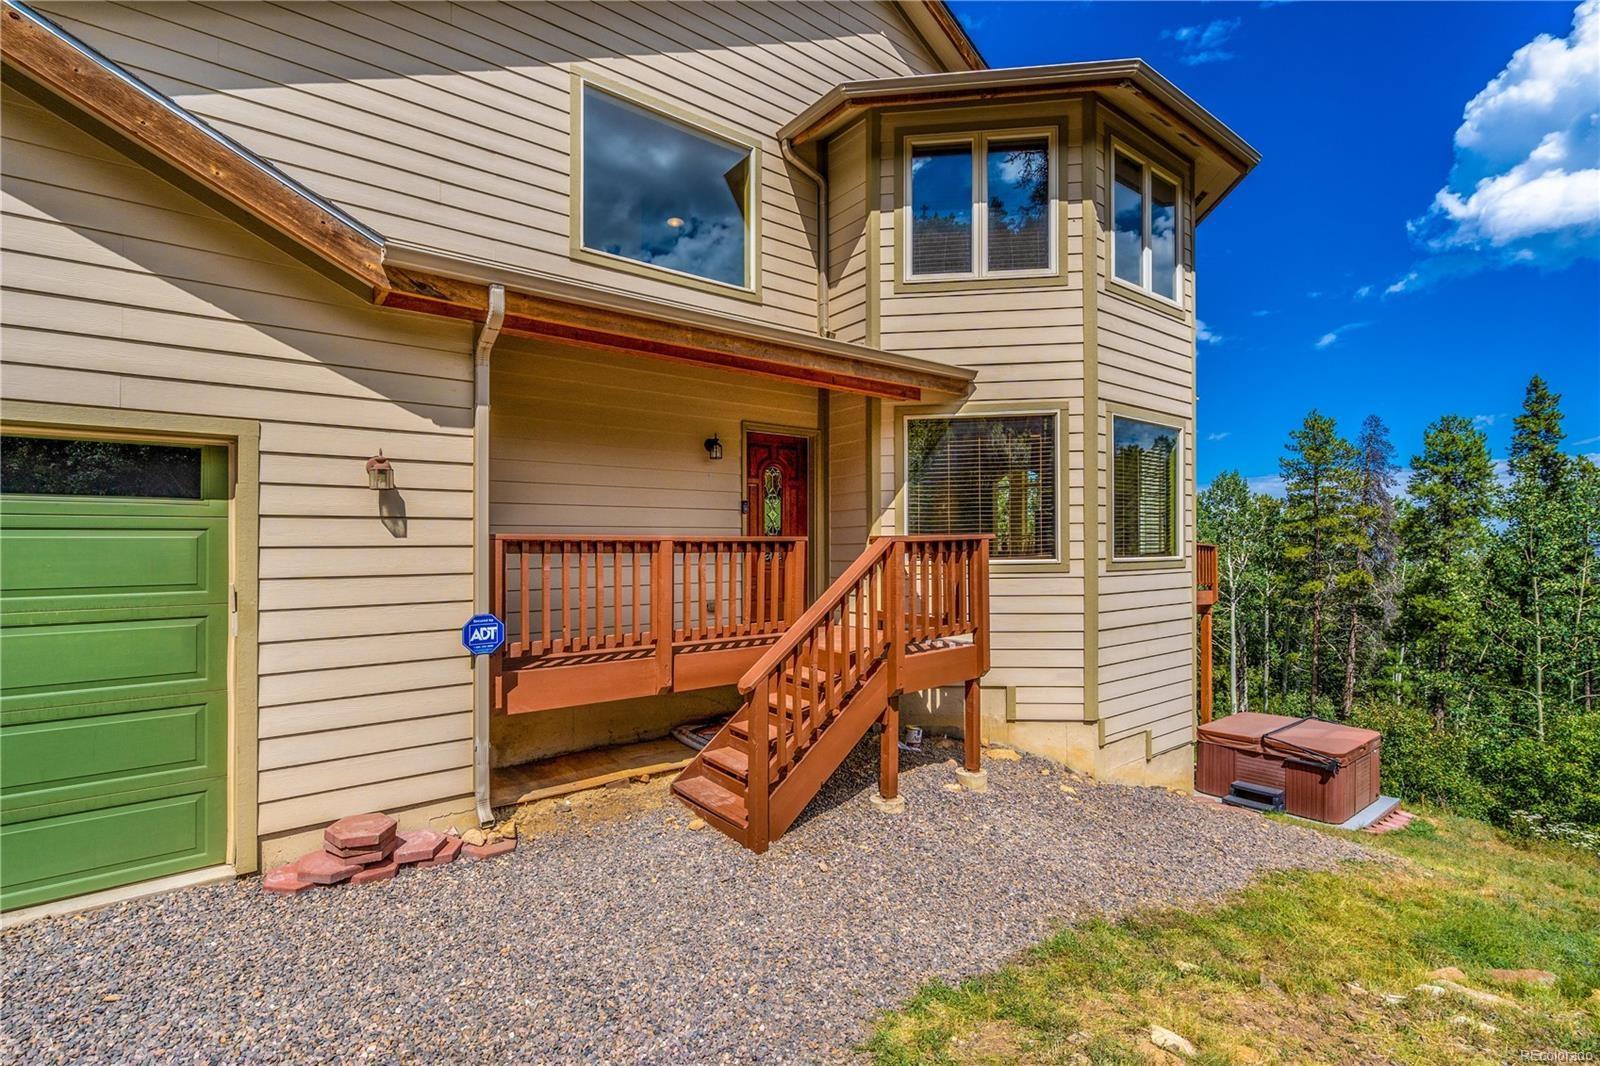 MLS# 2657267 - 2 - 11933 Coal Creek Heights Drive, Golden, CO 80403